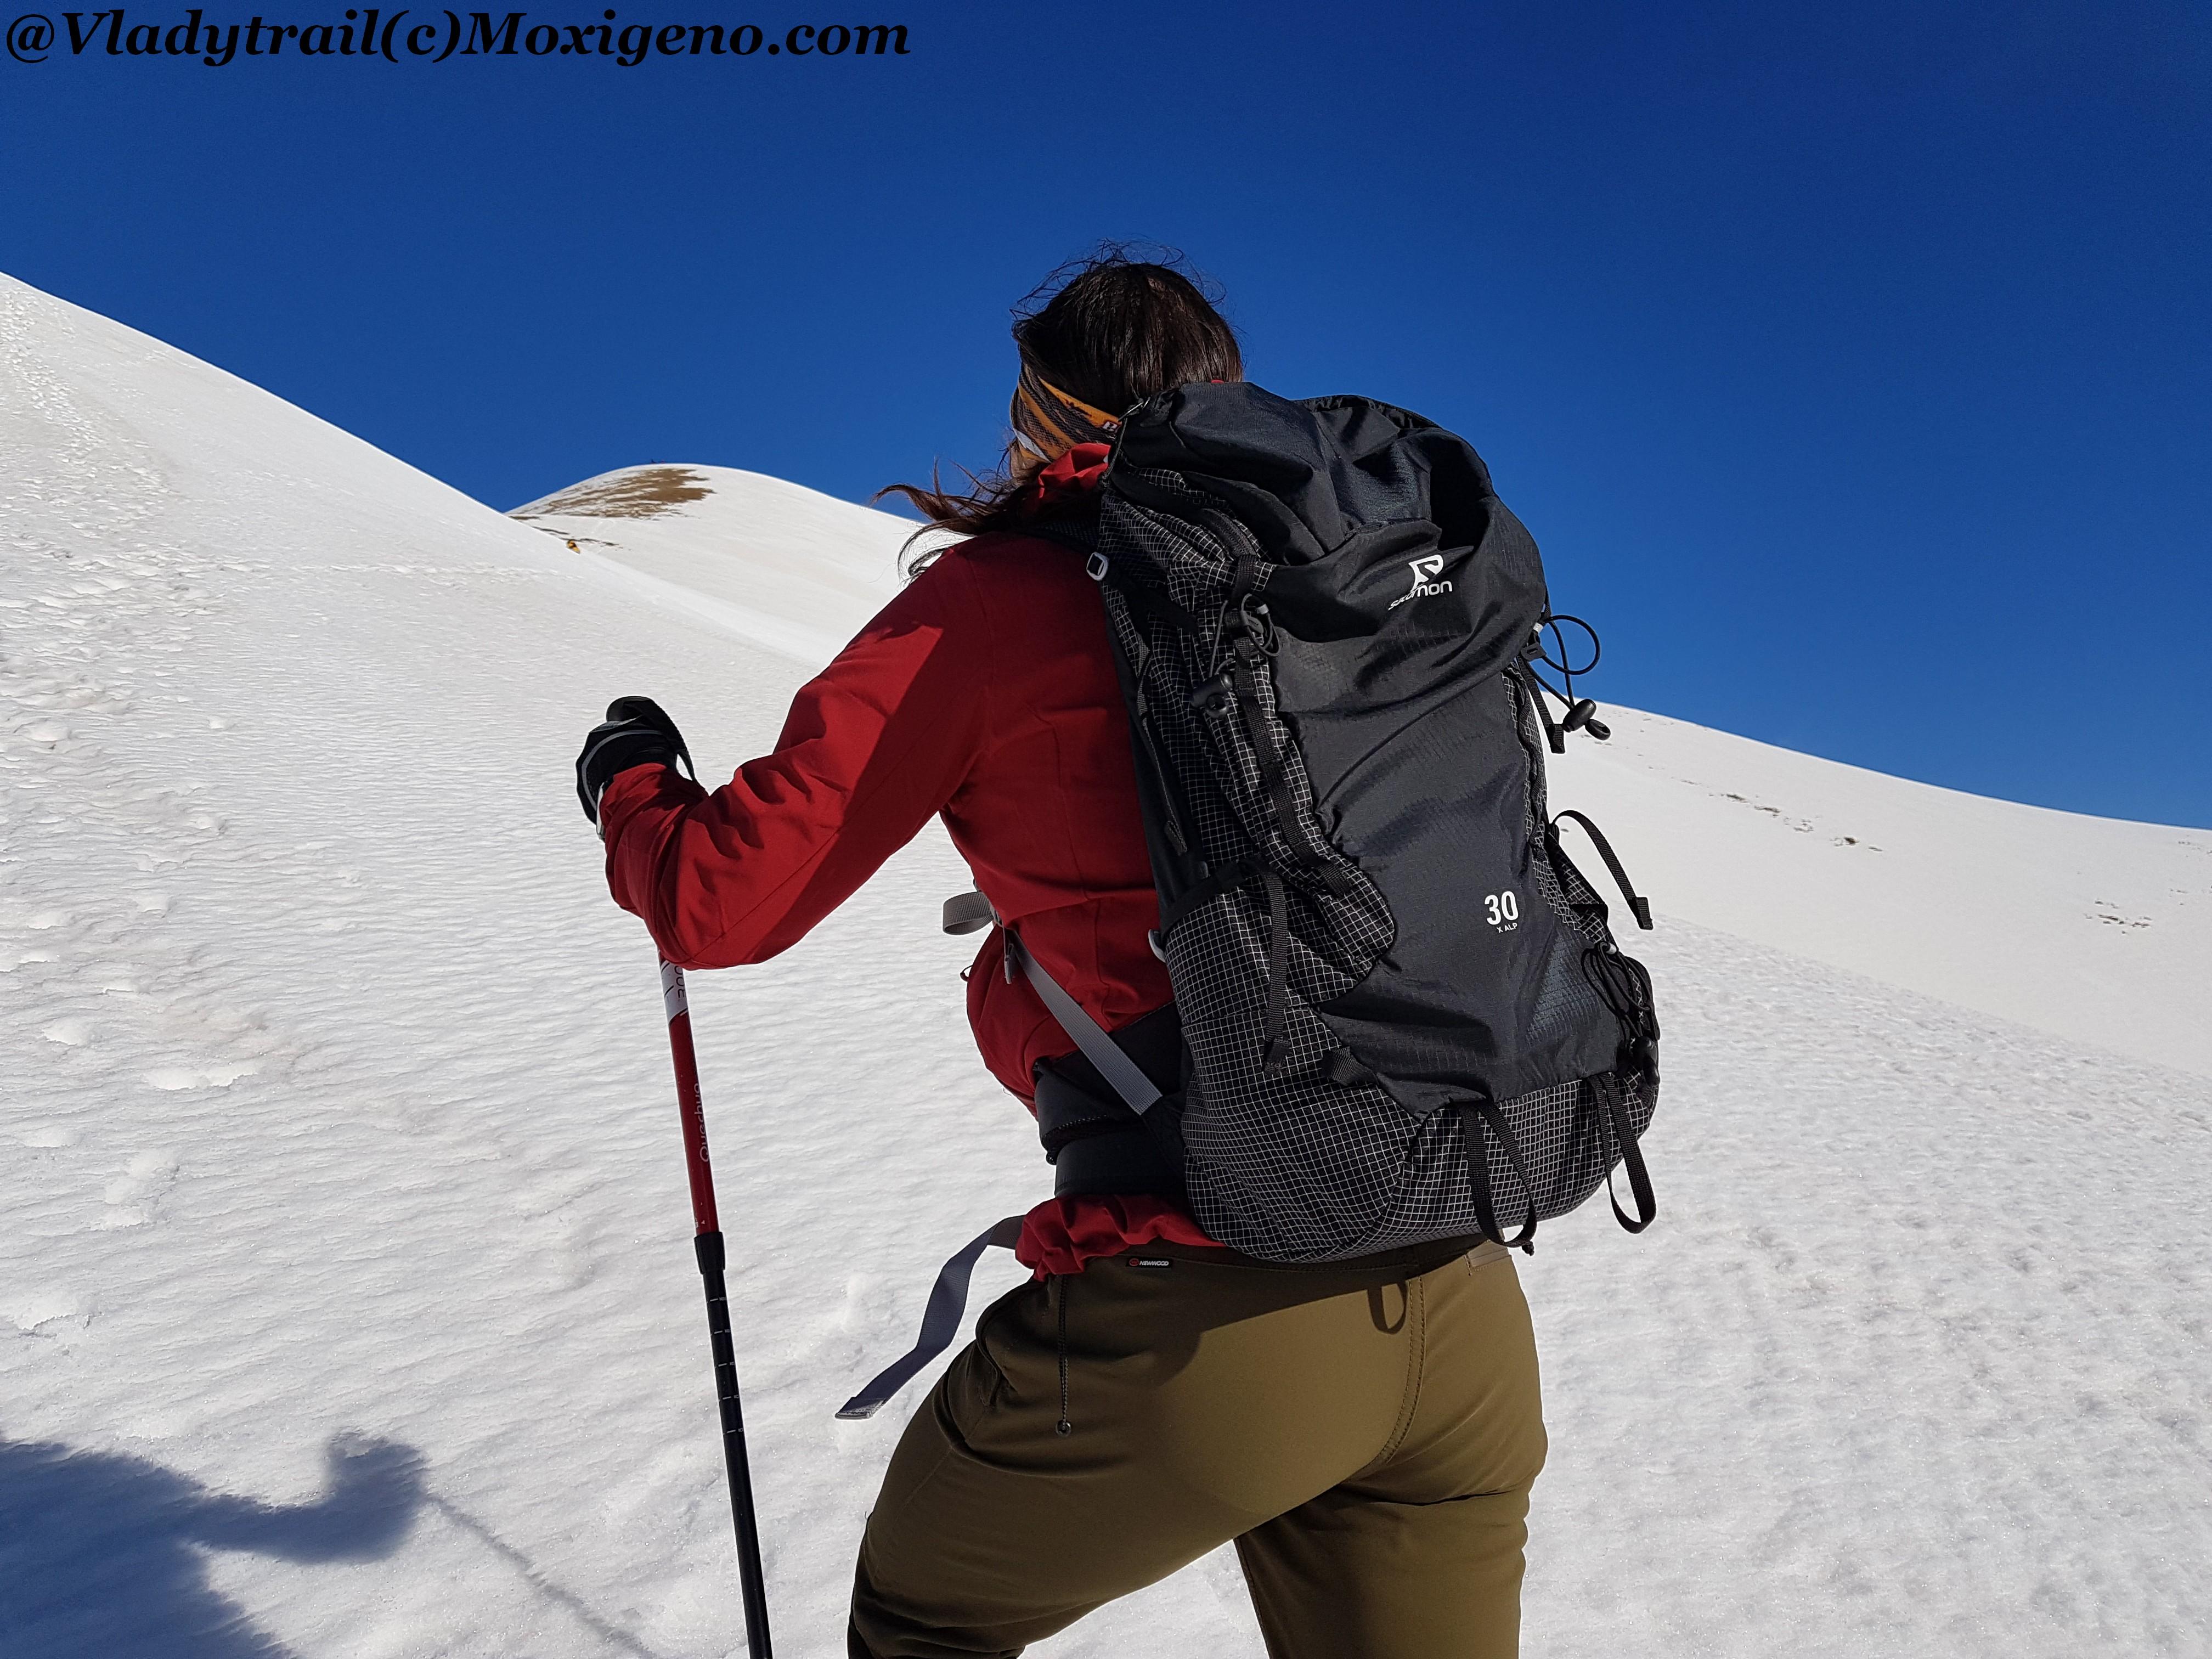 SALOMON X ALP 30L: Mochila trekking y montaña, renovada y mejorada. Prueba 200km por Vladytrail.